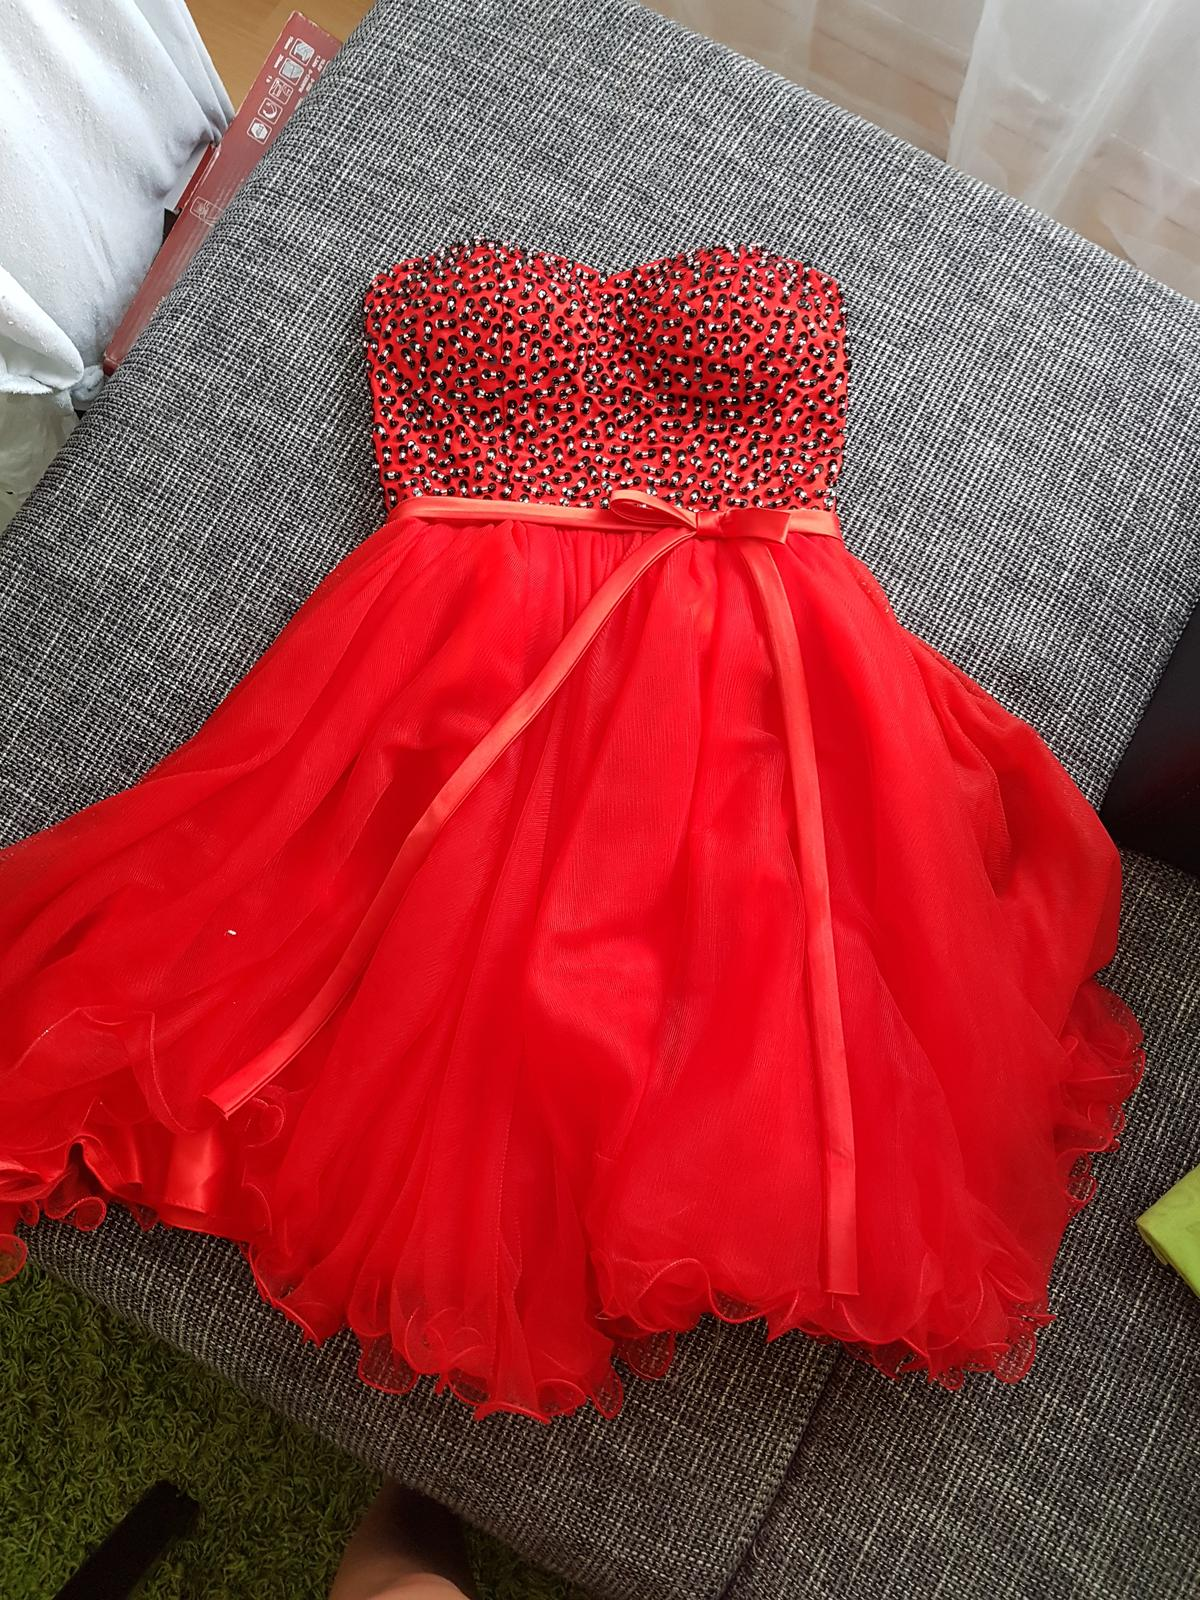 Červené šaty - Obrázok č. 1